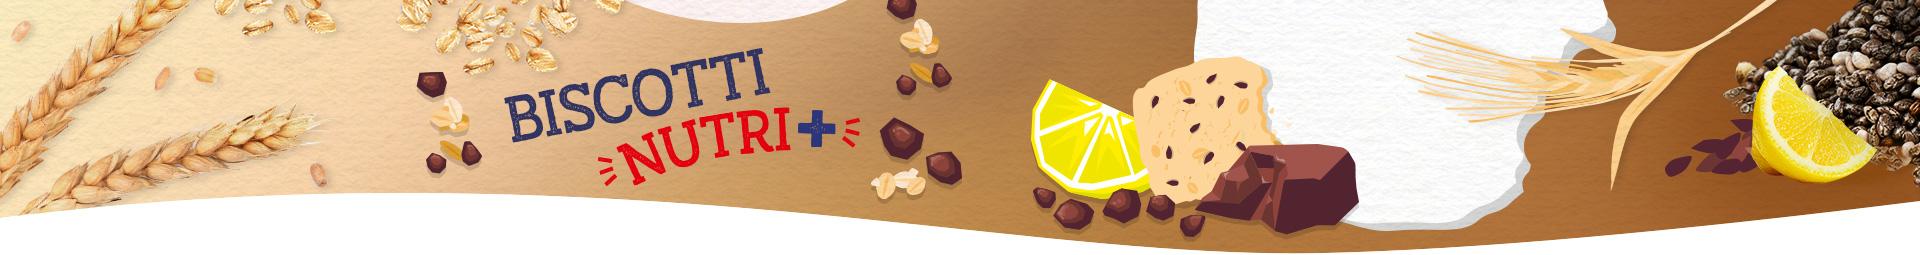 Biscotti Nutri +